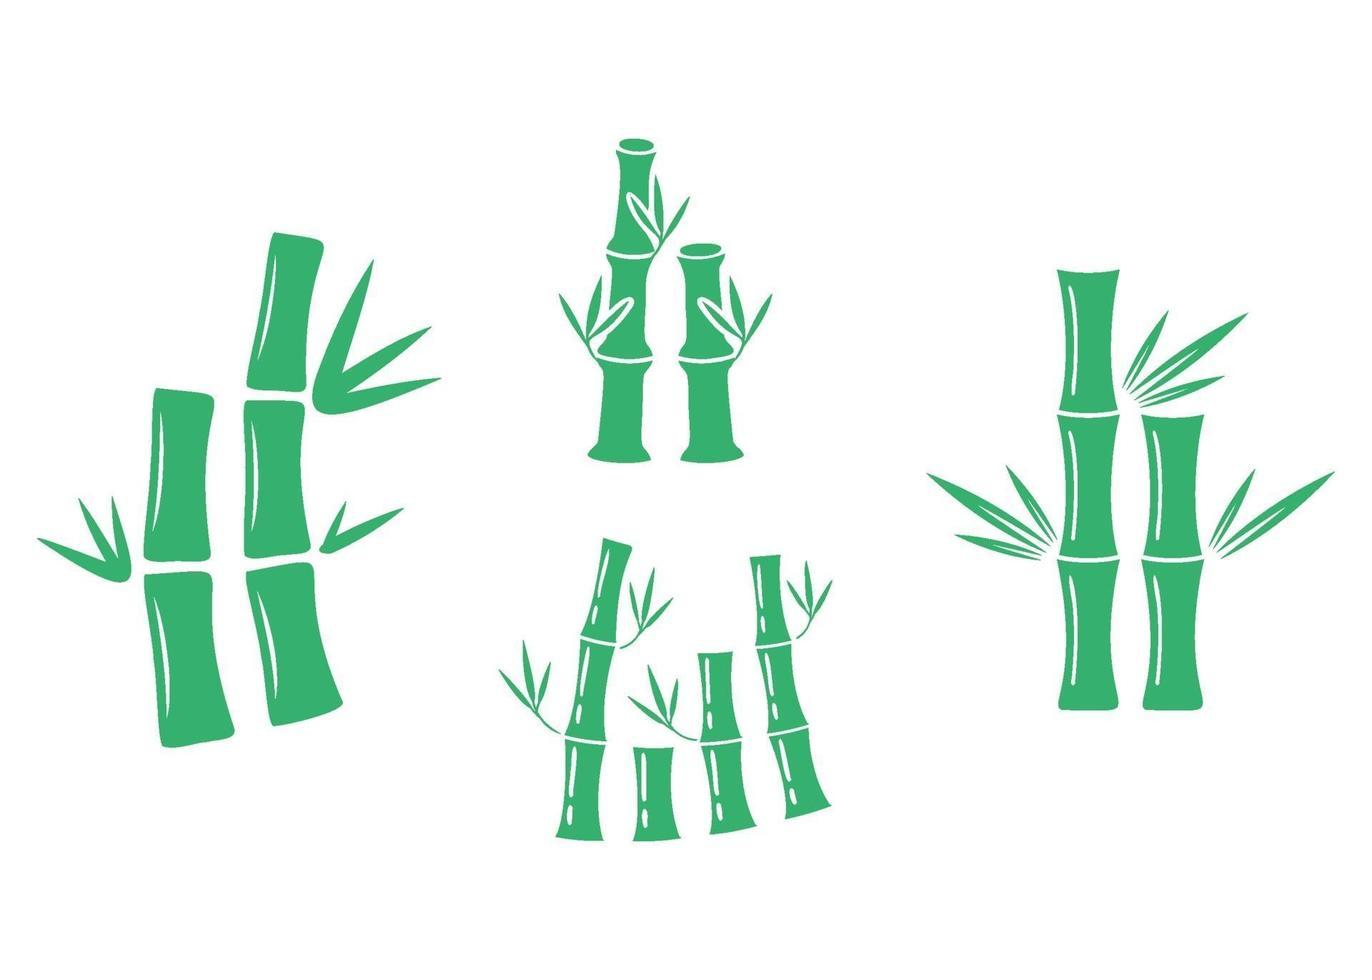 bambu ikon illustration vektor uppsättning